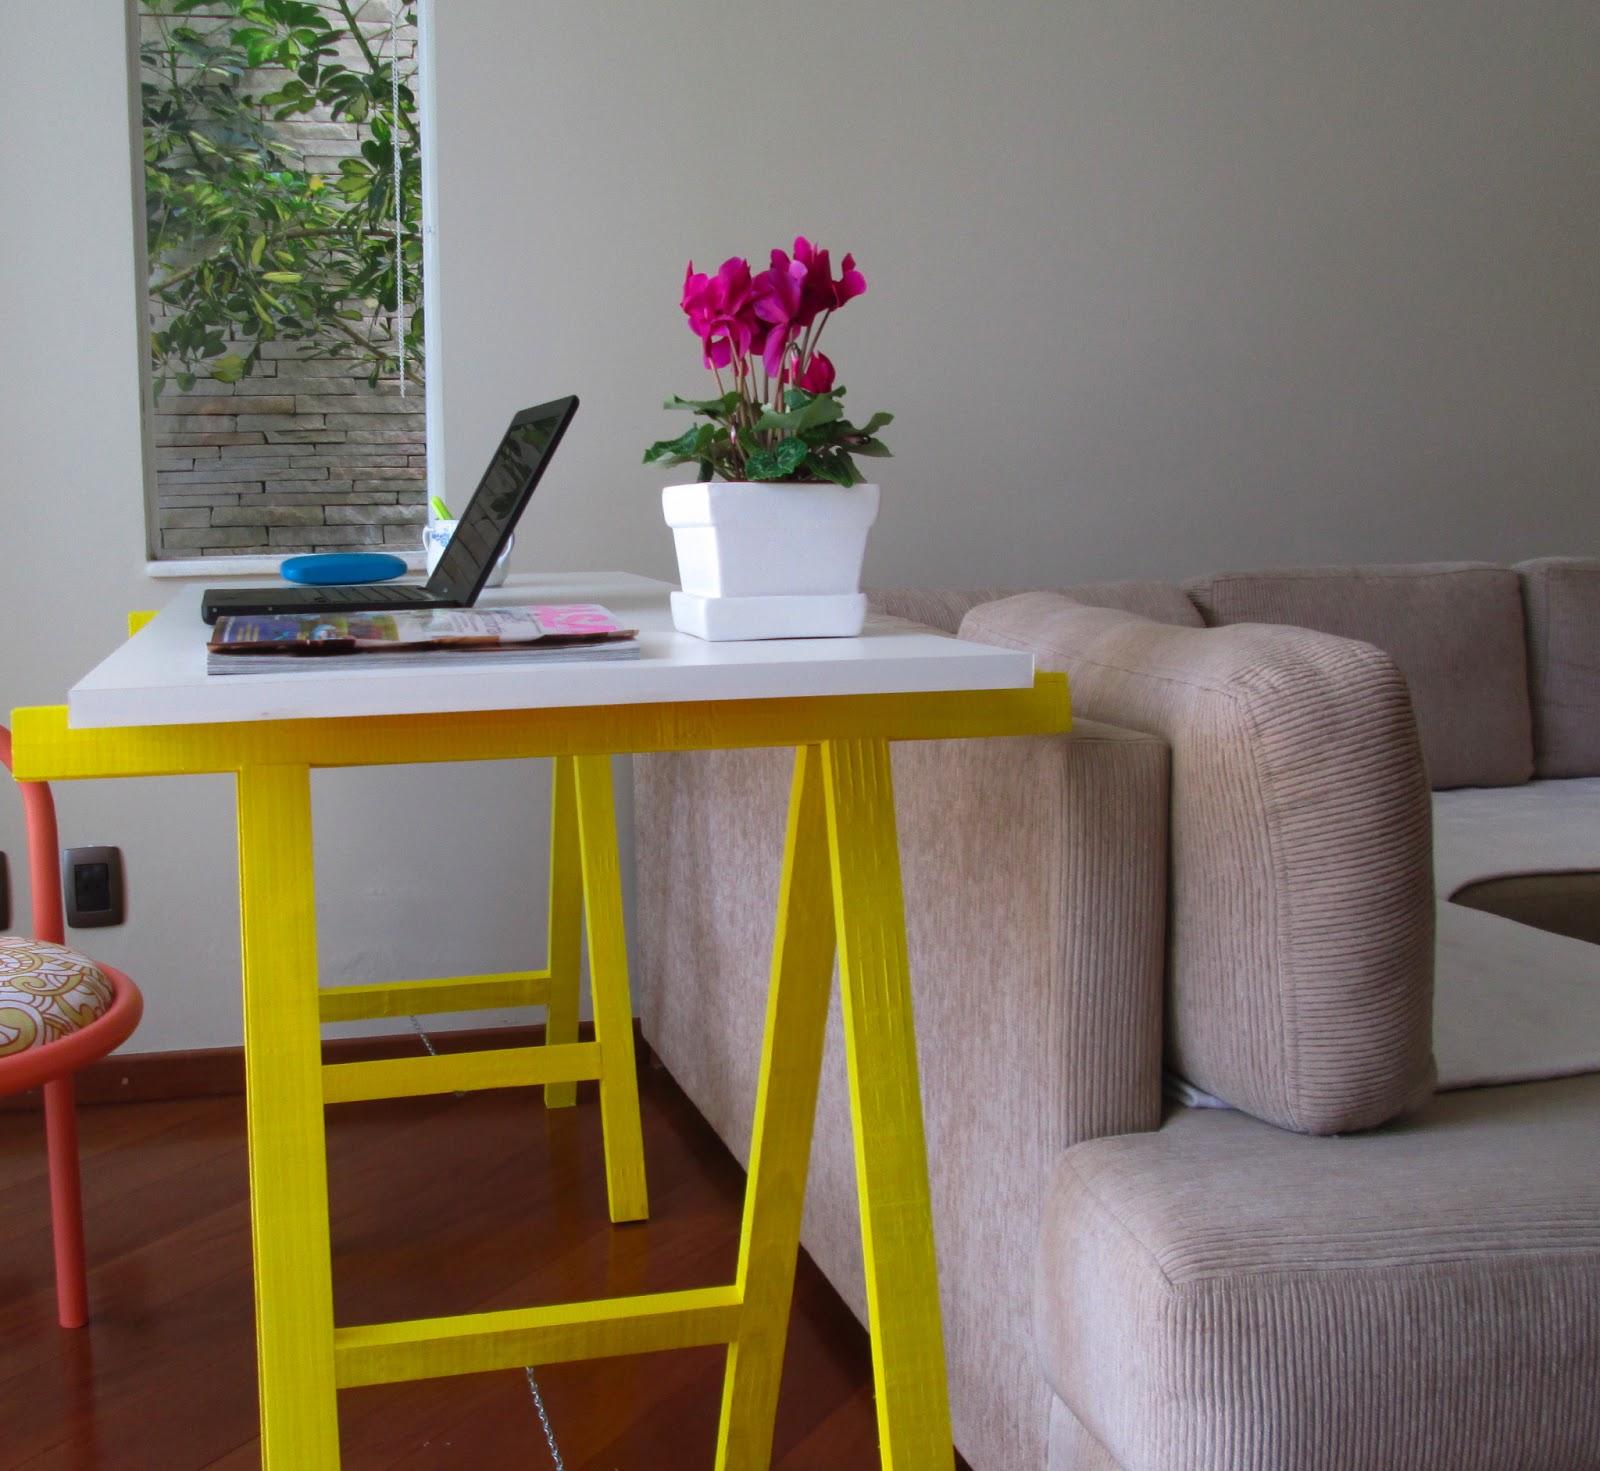 Perfeita Ordem: Meu home office com cavaletes amarelo quindim #B5A104 1600x1471